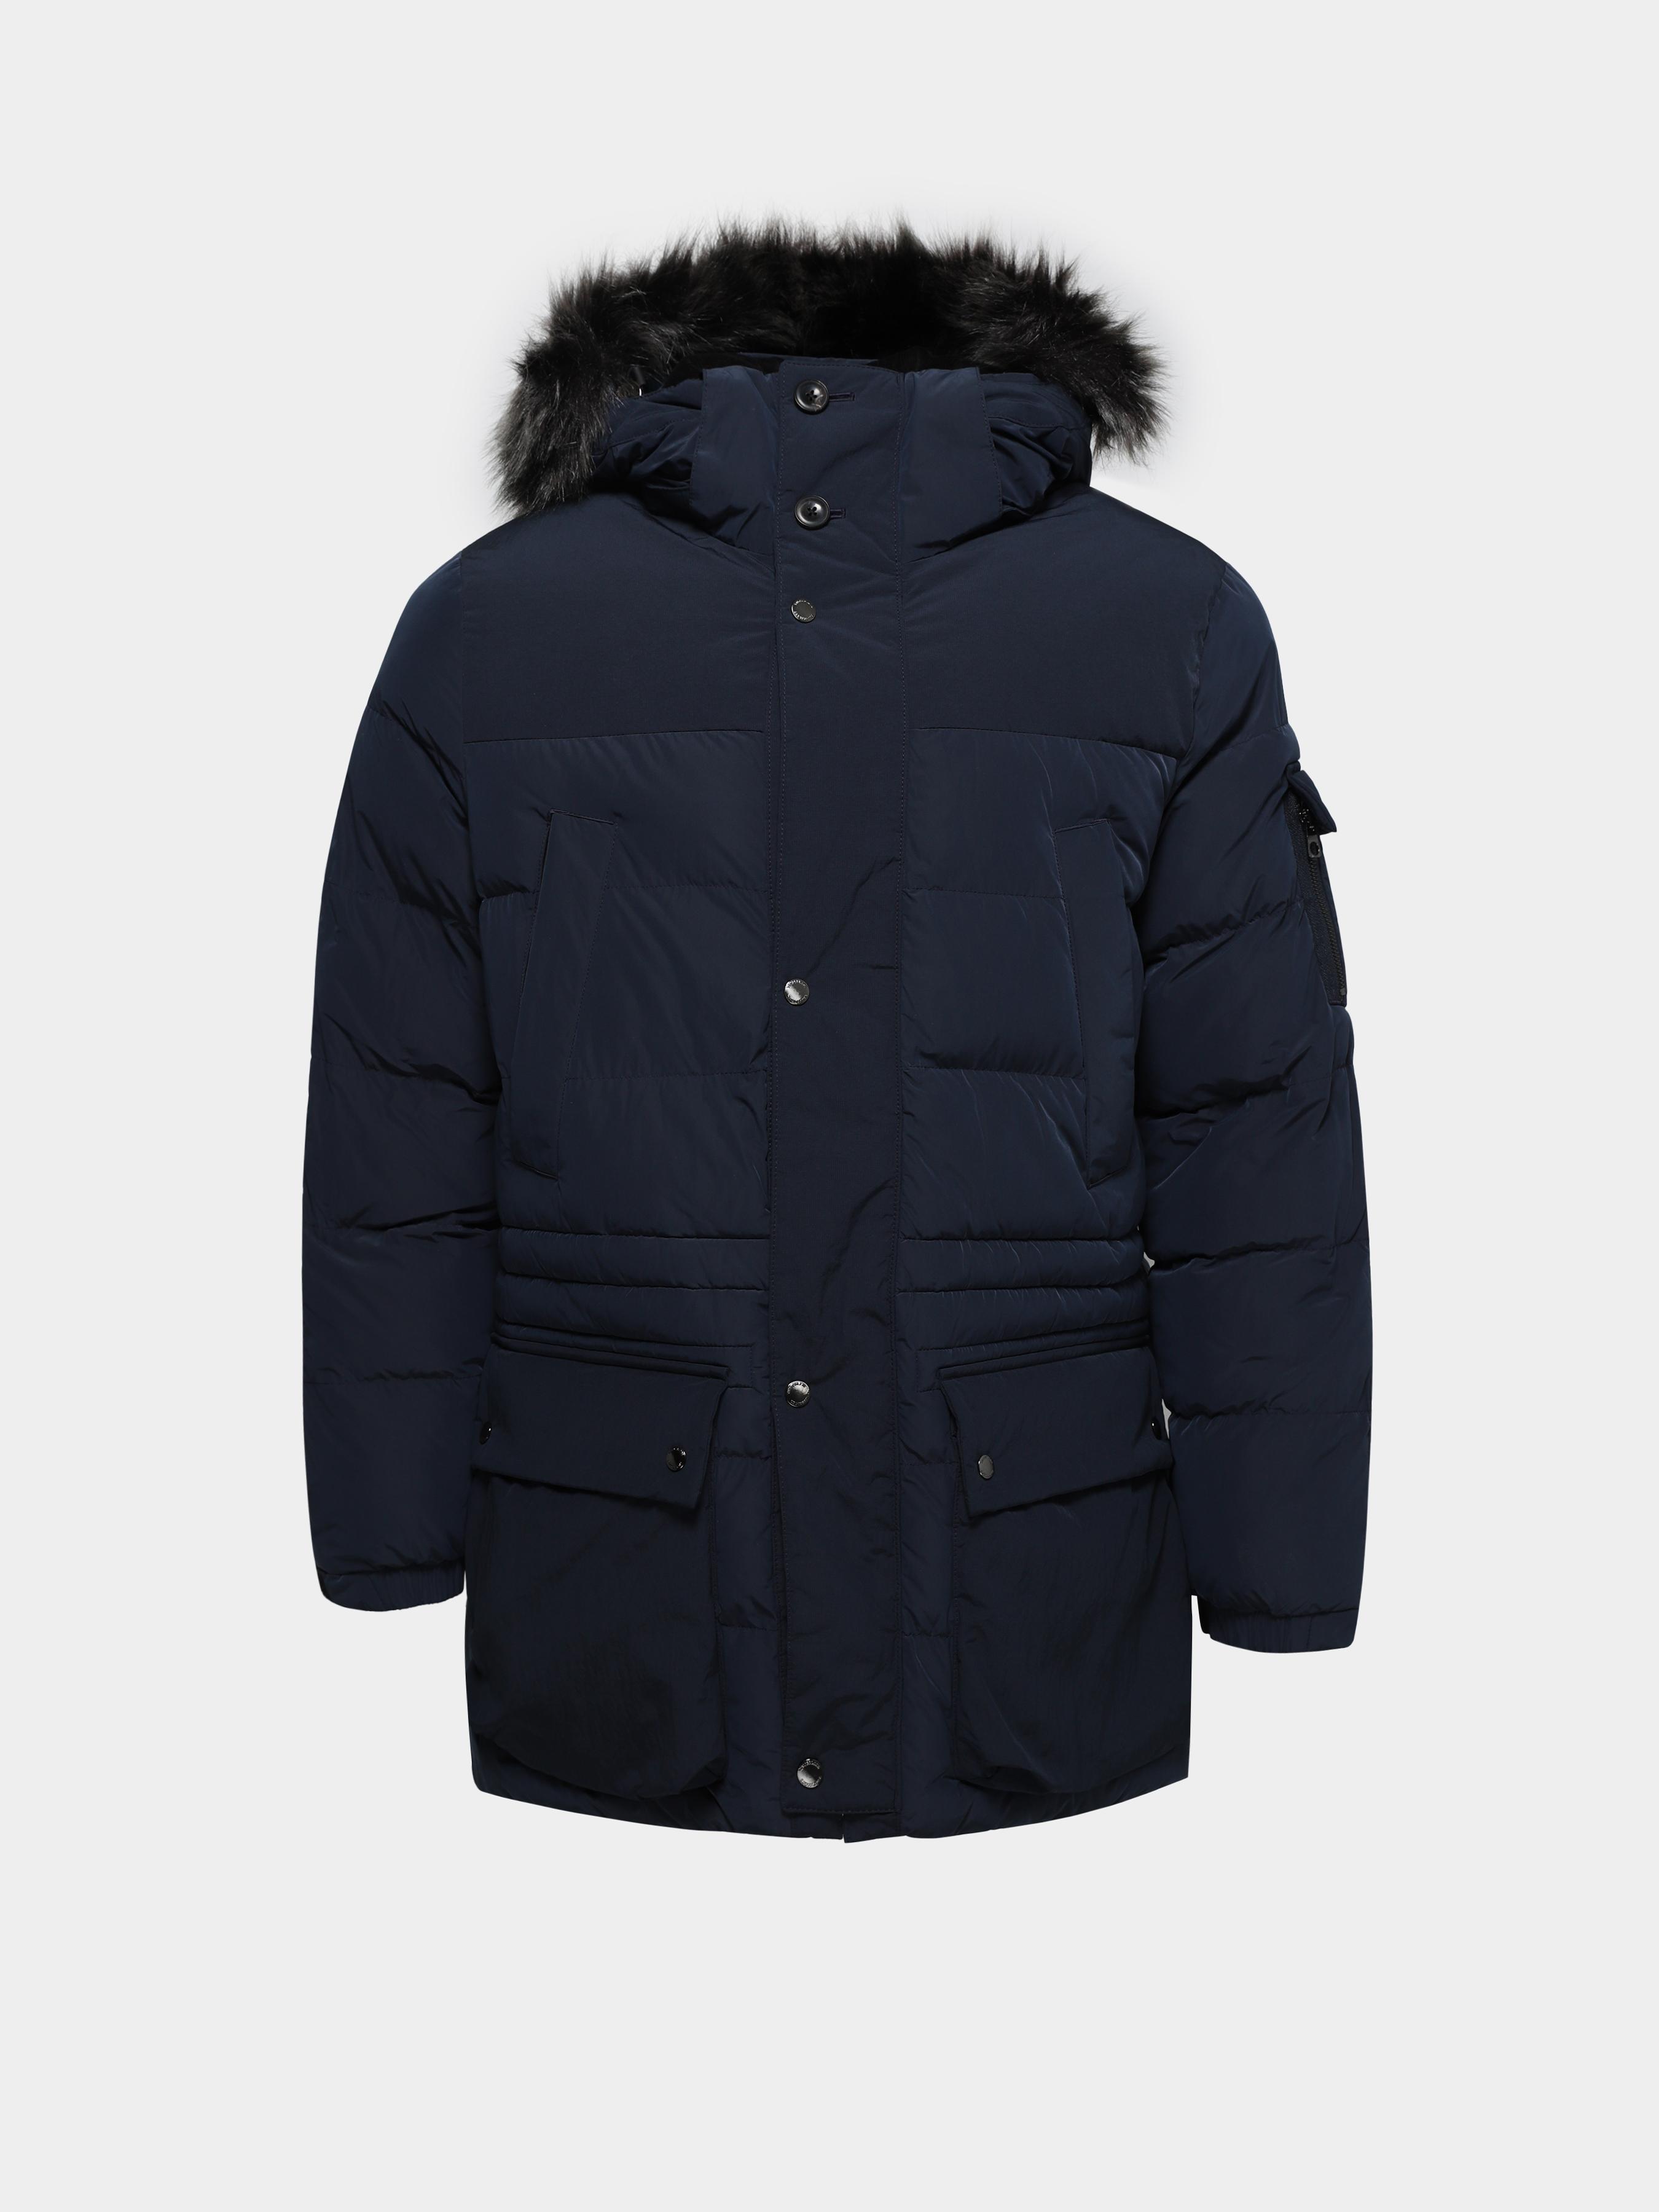 Куртка мужские Timberland модель TH5678 купить, 2017